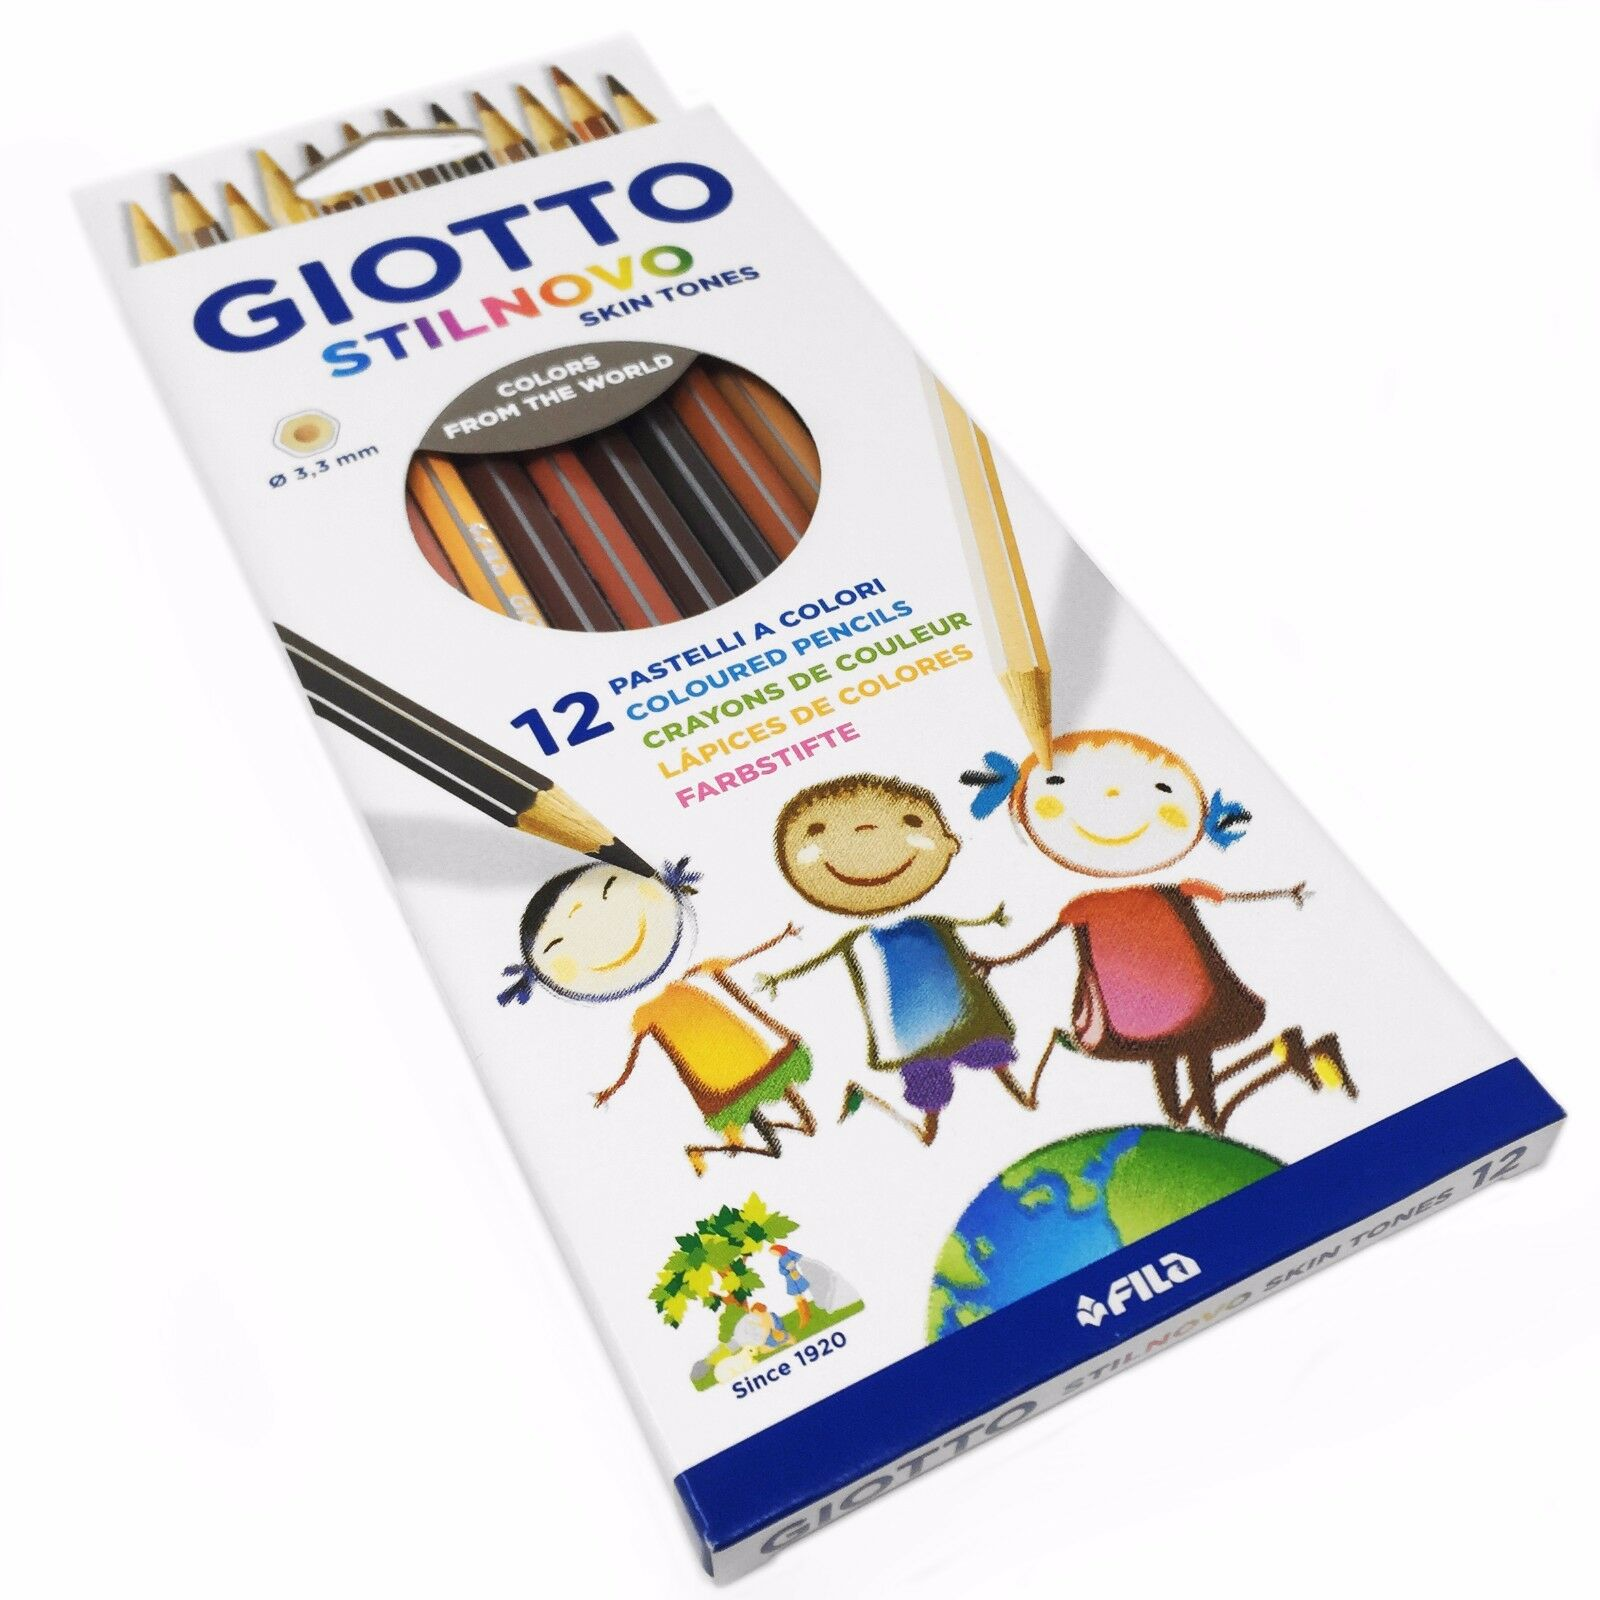 Farbstift Giotto 2574 00 Stilnovo Skin Tones Set mit 12 Stiften